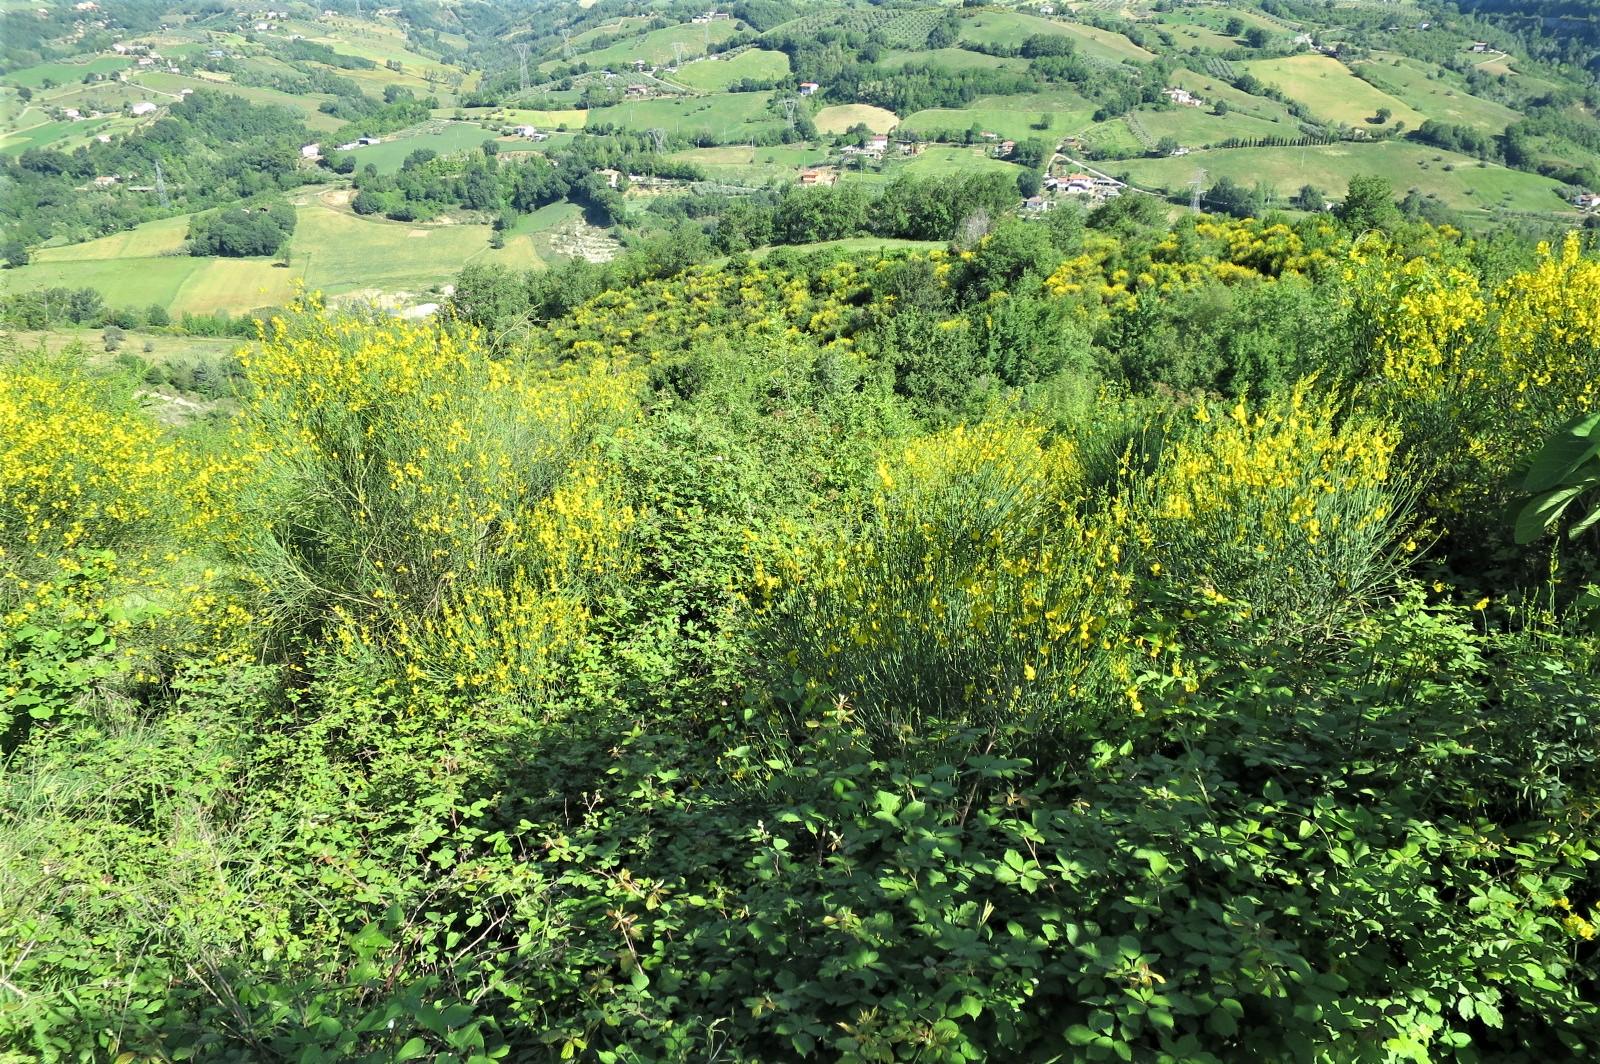 Country Houses Country Houses for sale Castiglione Messer Raimondo (TE), Casa Paradiso - Castiglione Messer Raimondo - EUR 181.096 660